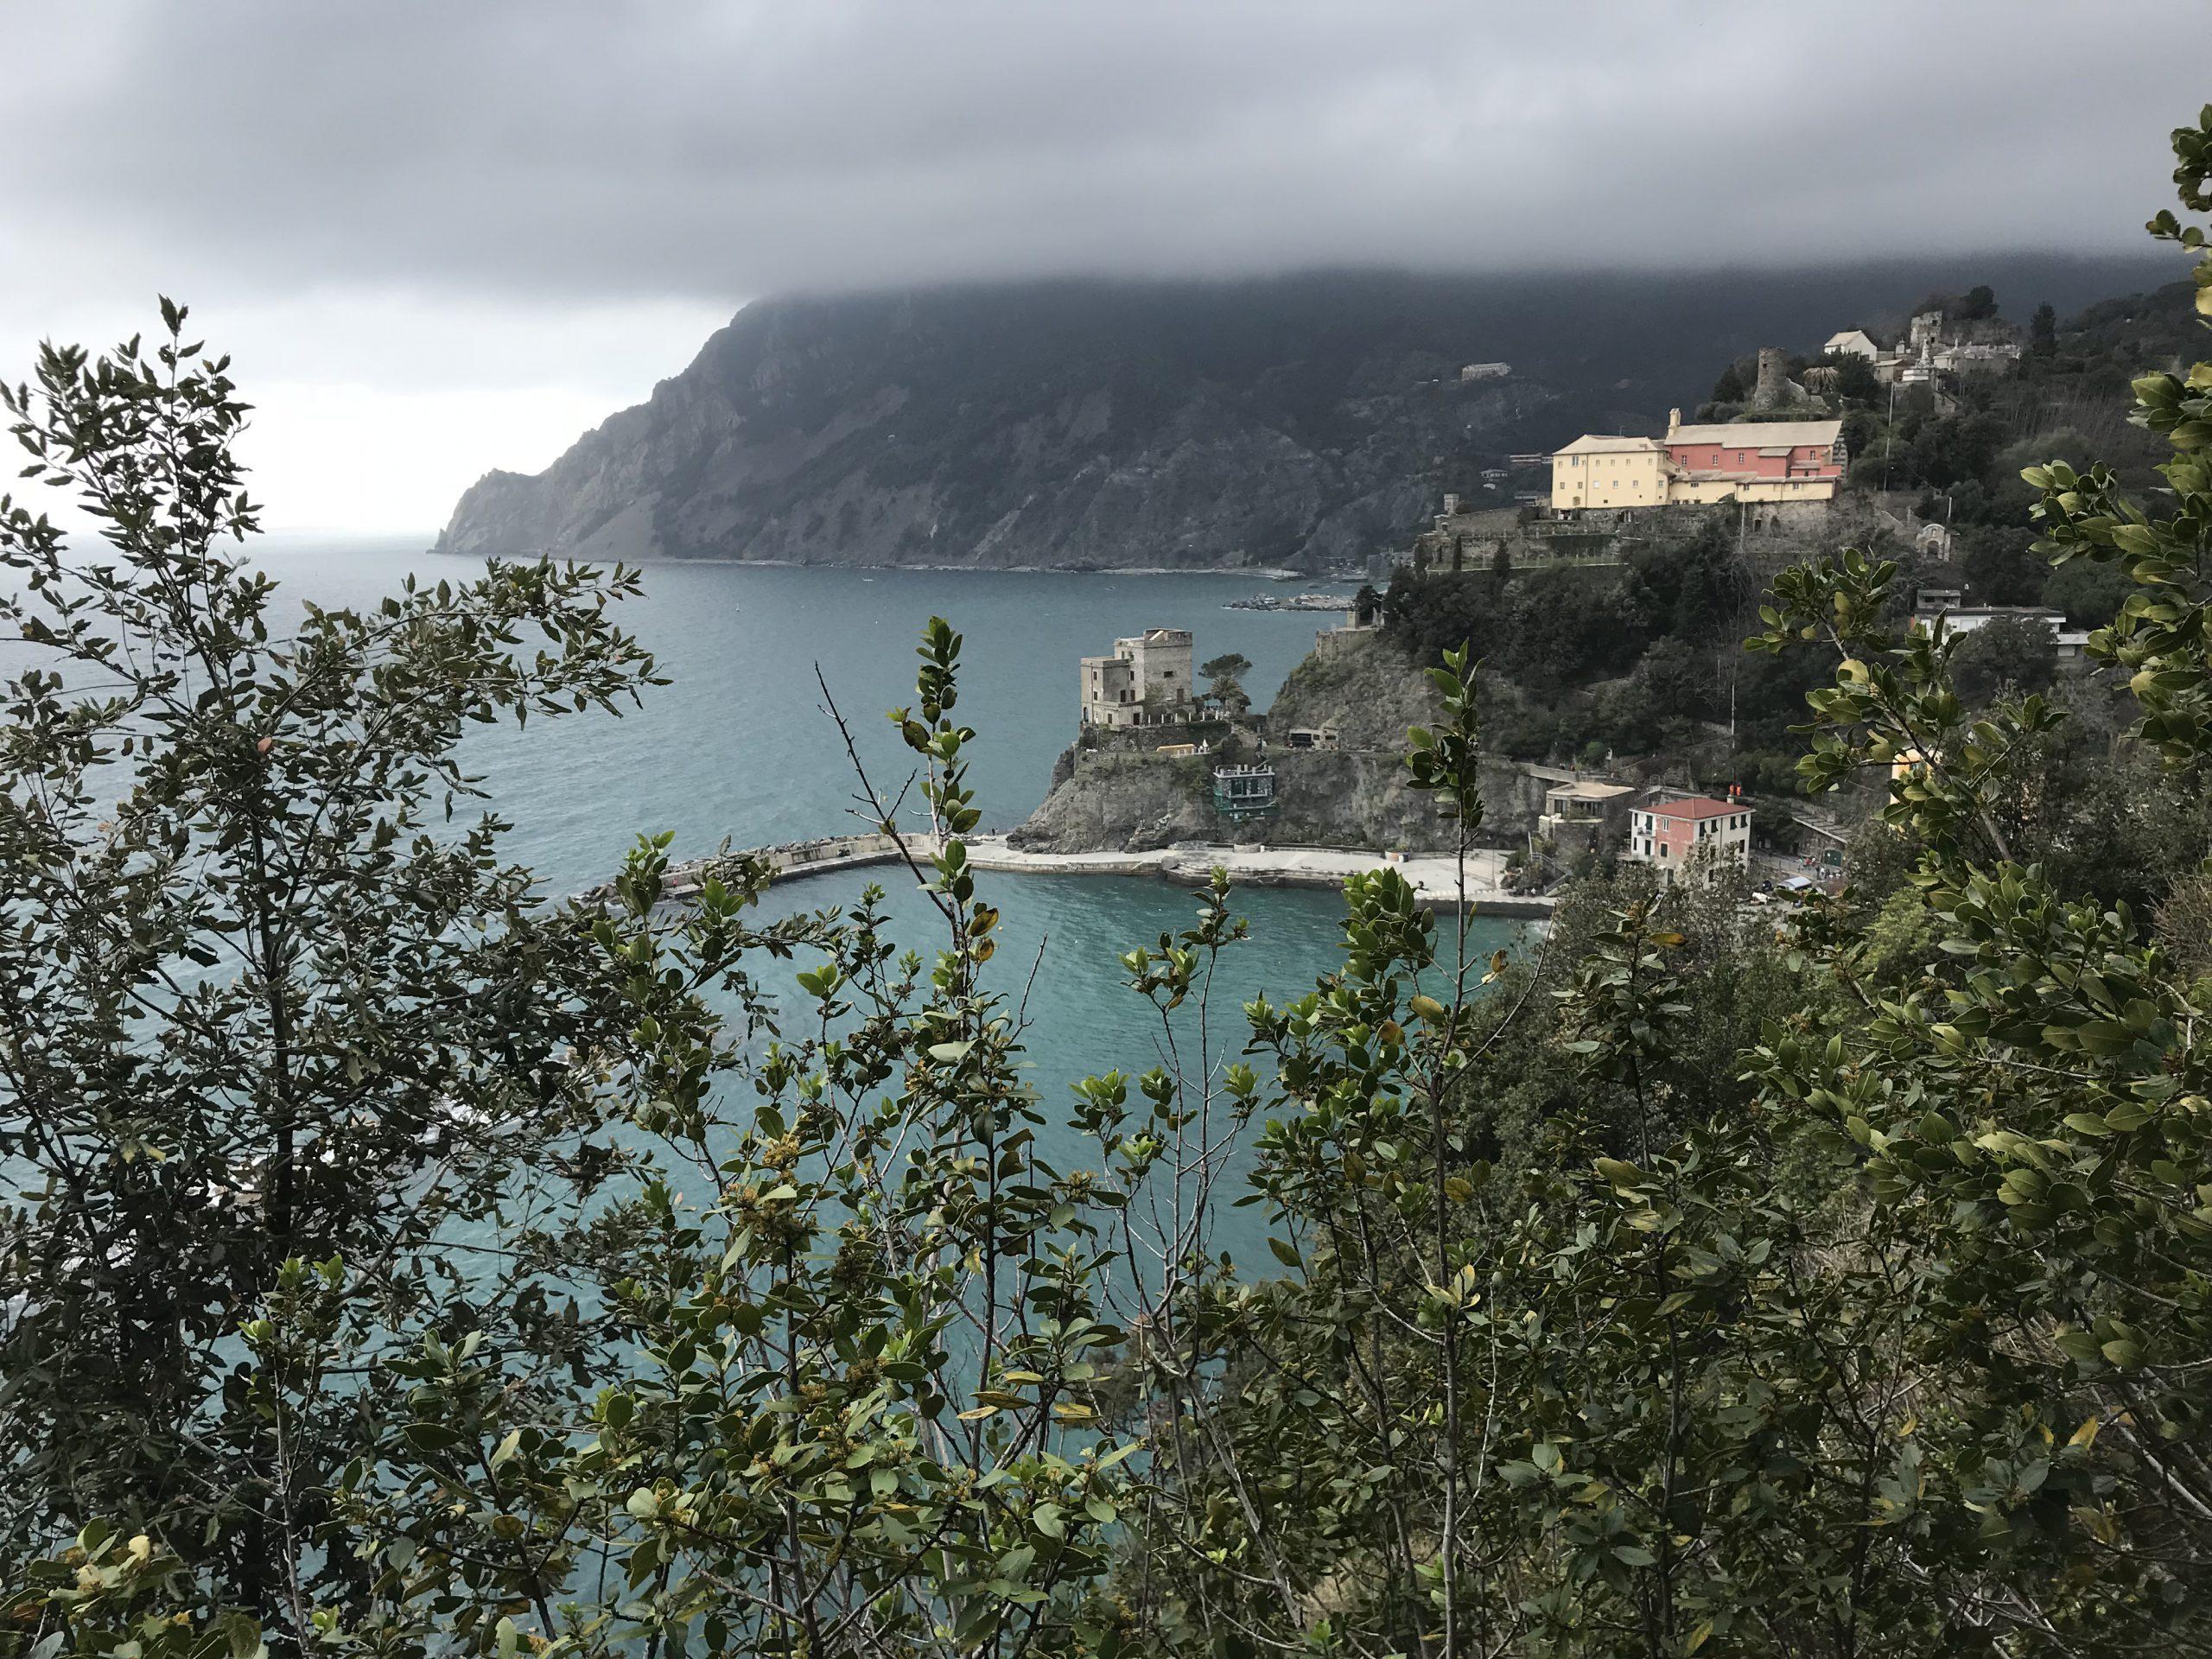 Blick auf das Küstenstädtchen Monterosso al Mare